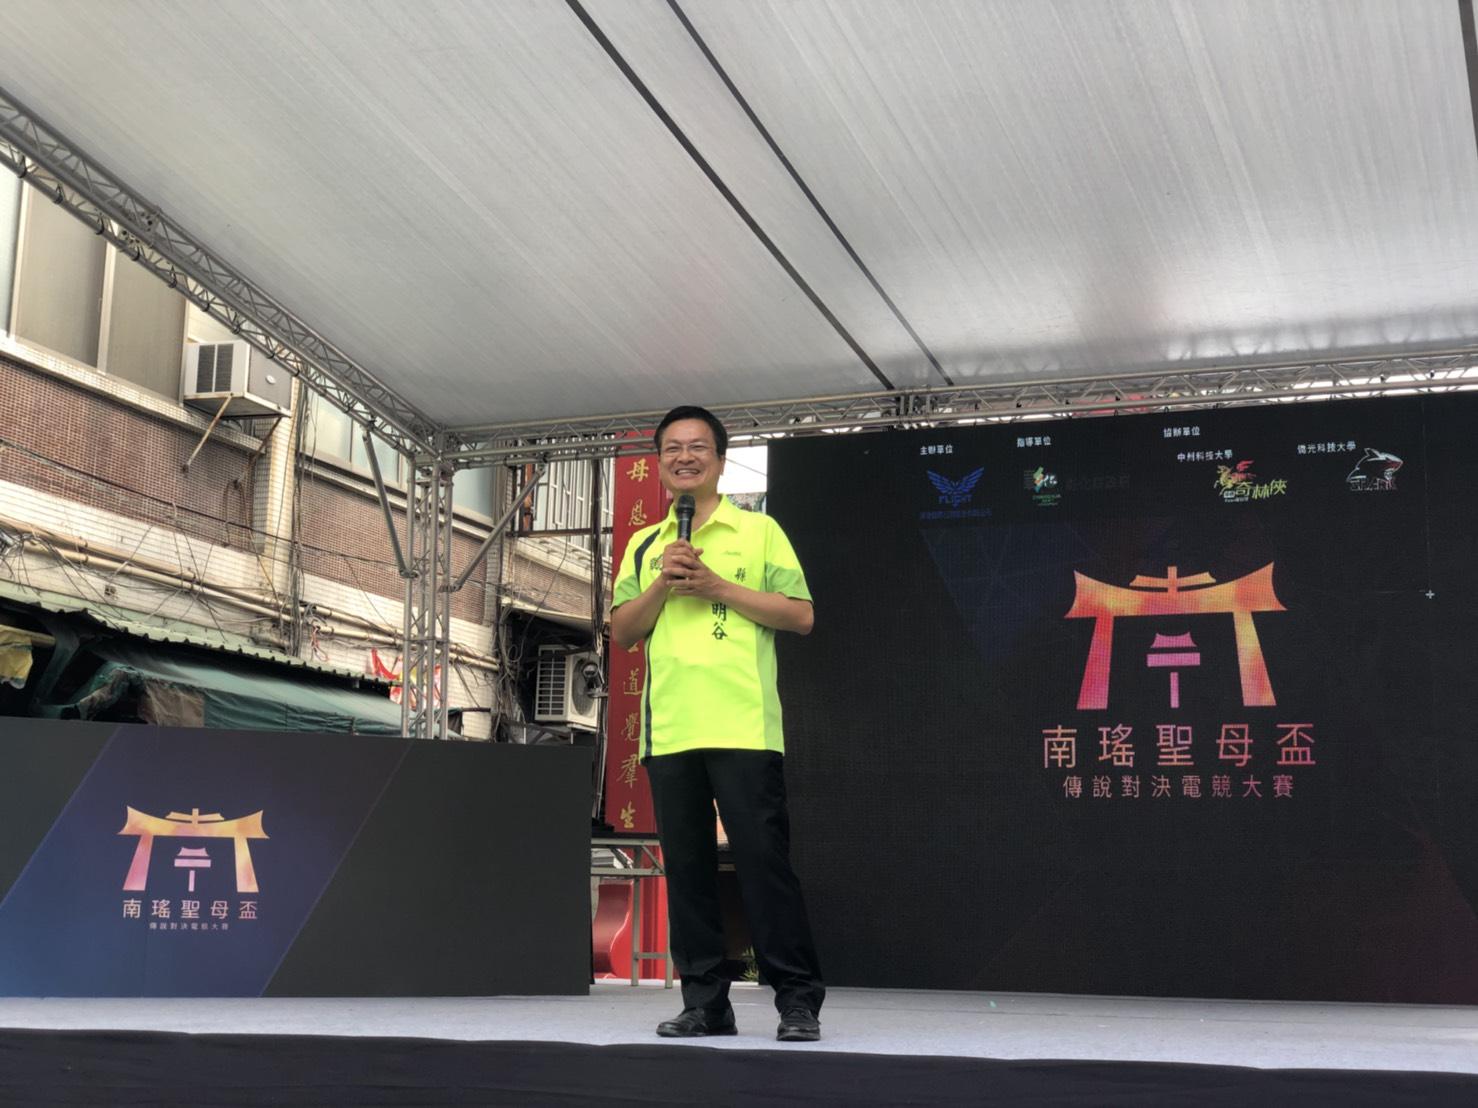 英雄出少年 青年高中勇奪冠軍 南瑤宮聖母盃傳說對決電競大賽